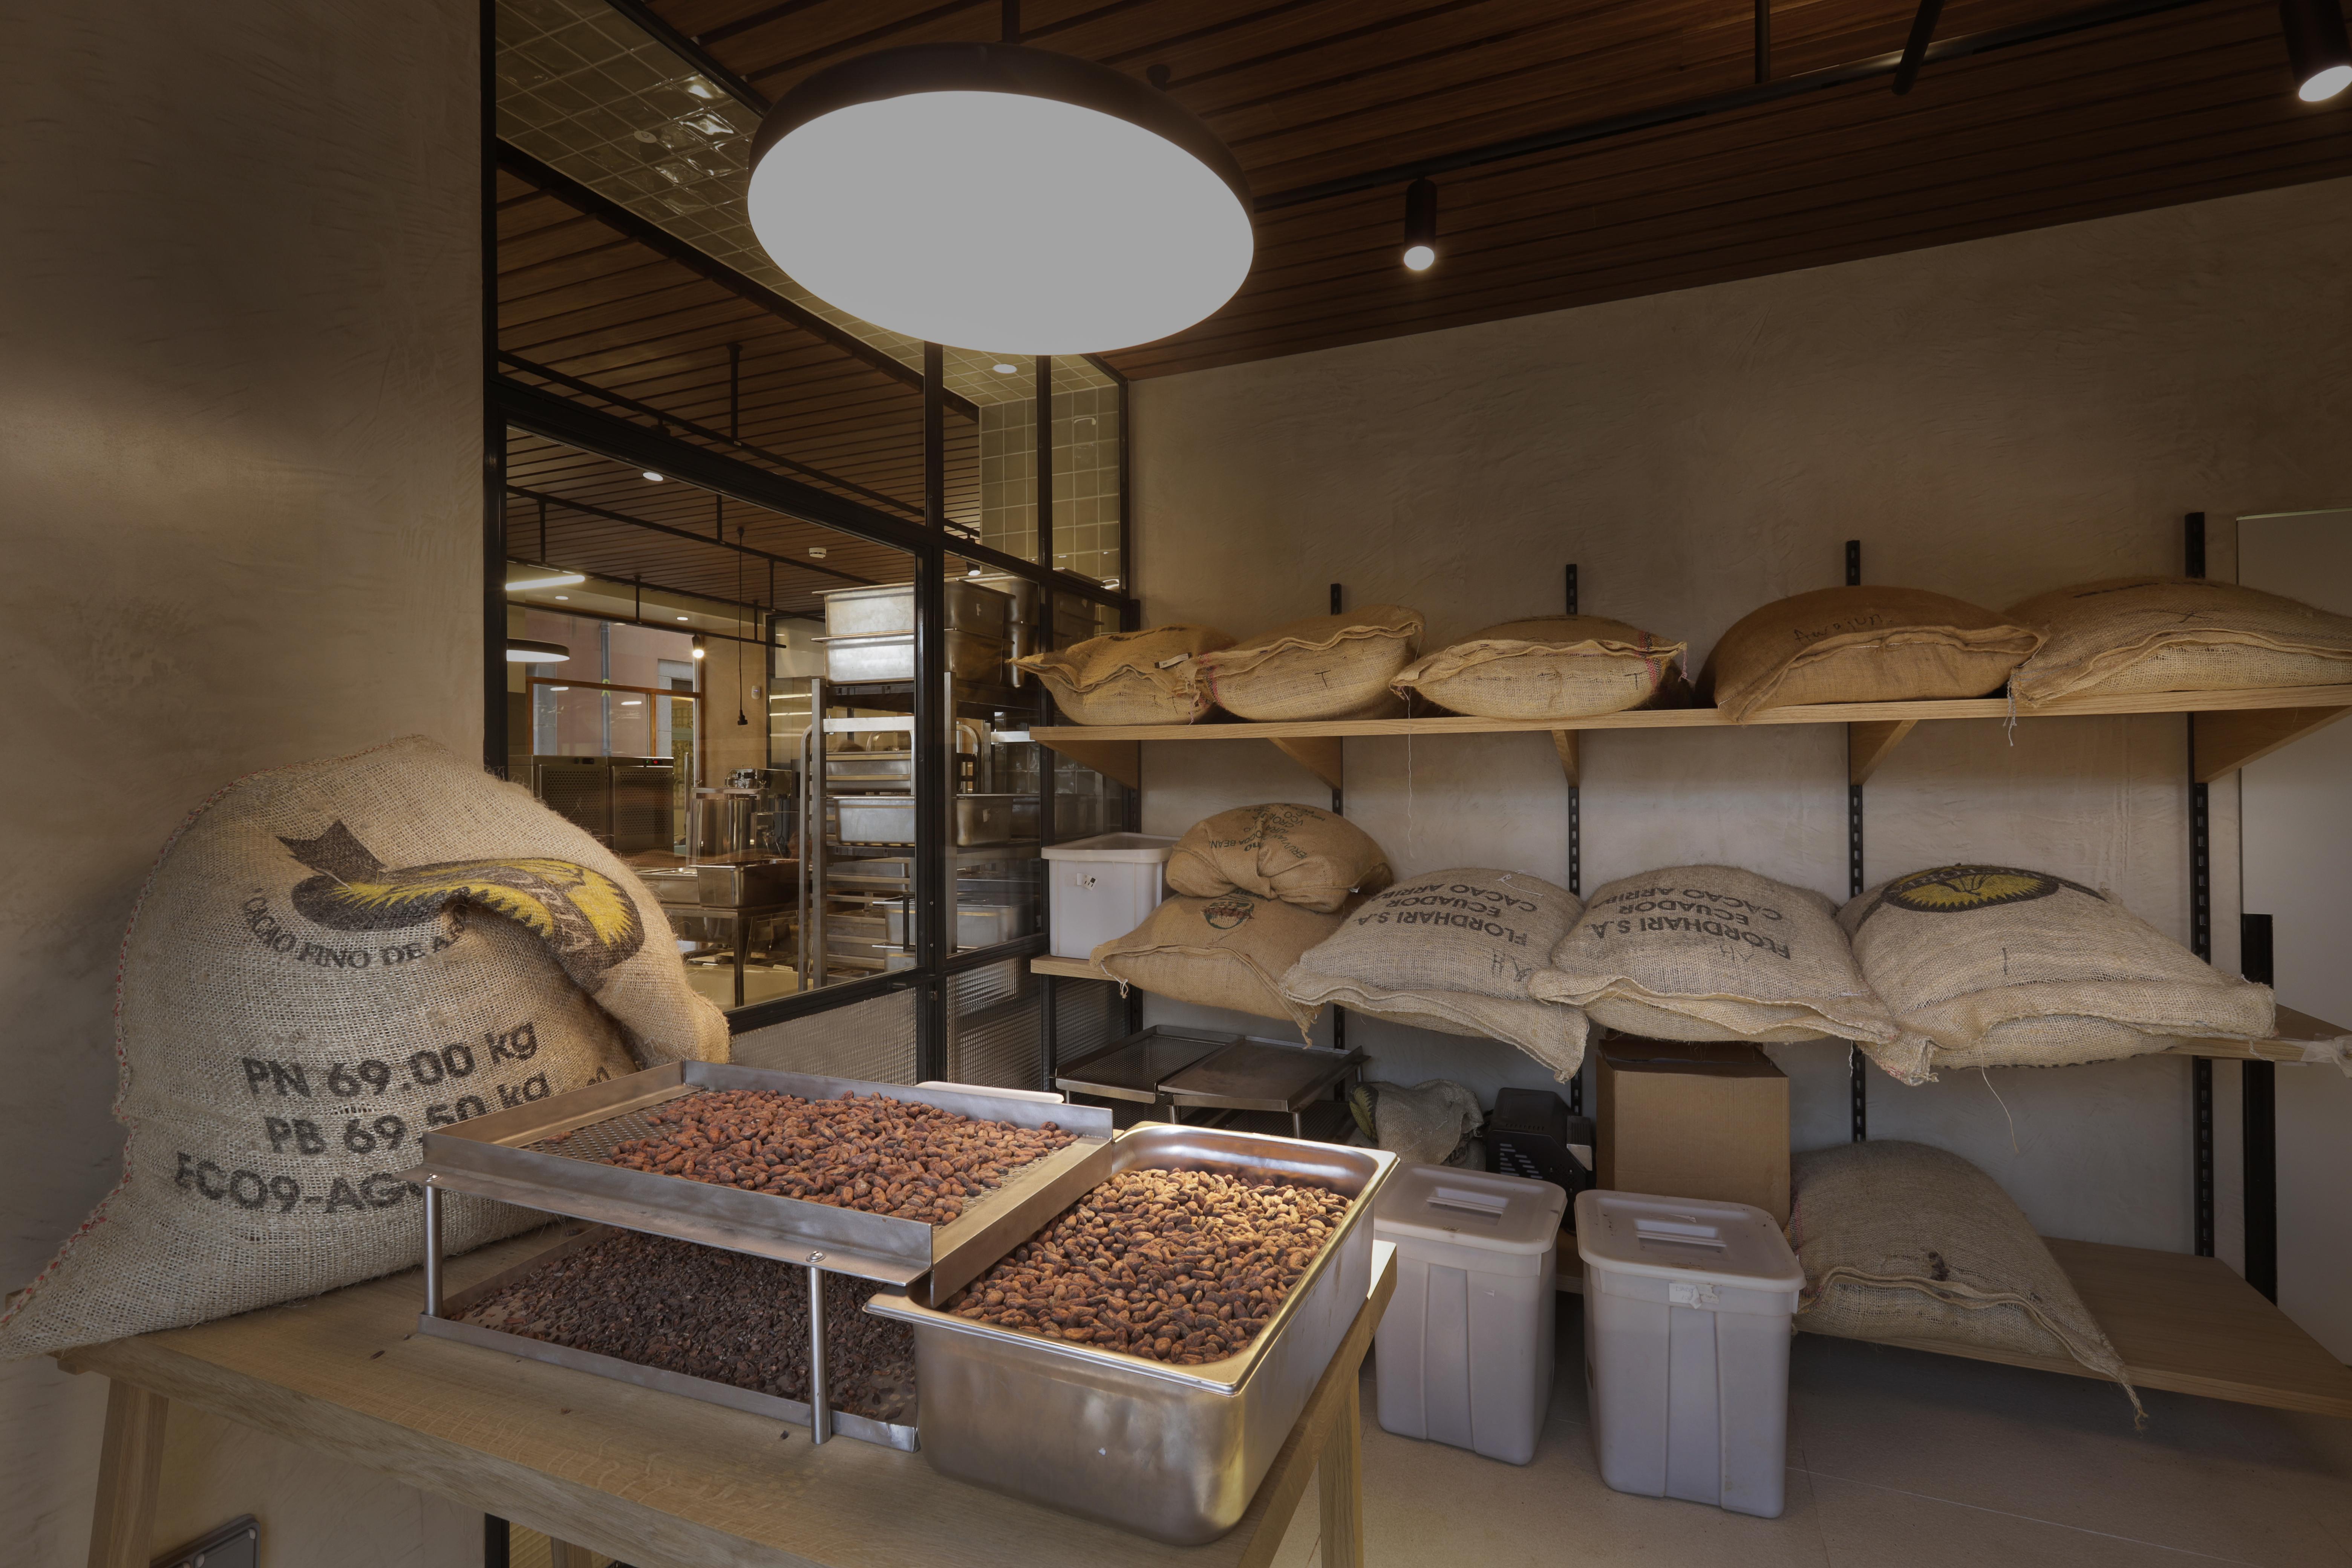 自設工廠內充滿不同產地的可可豆。